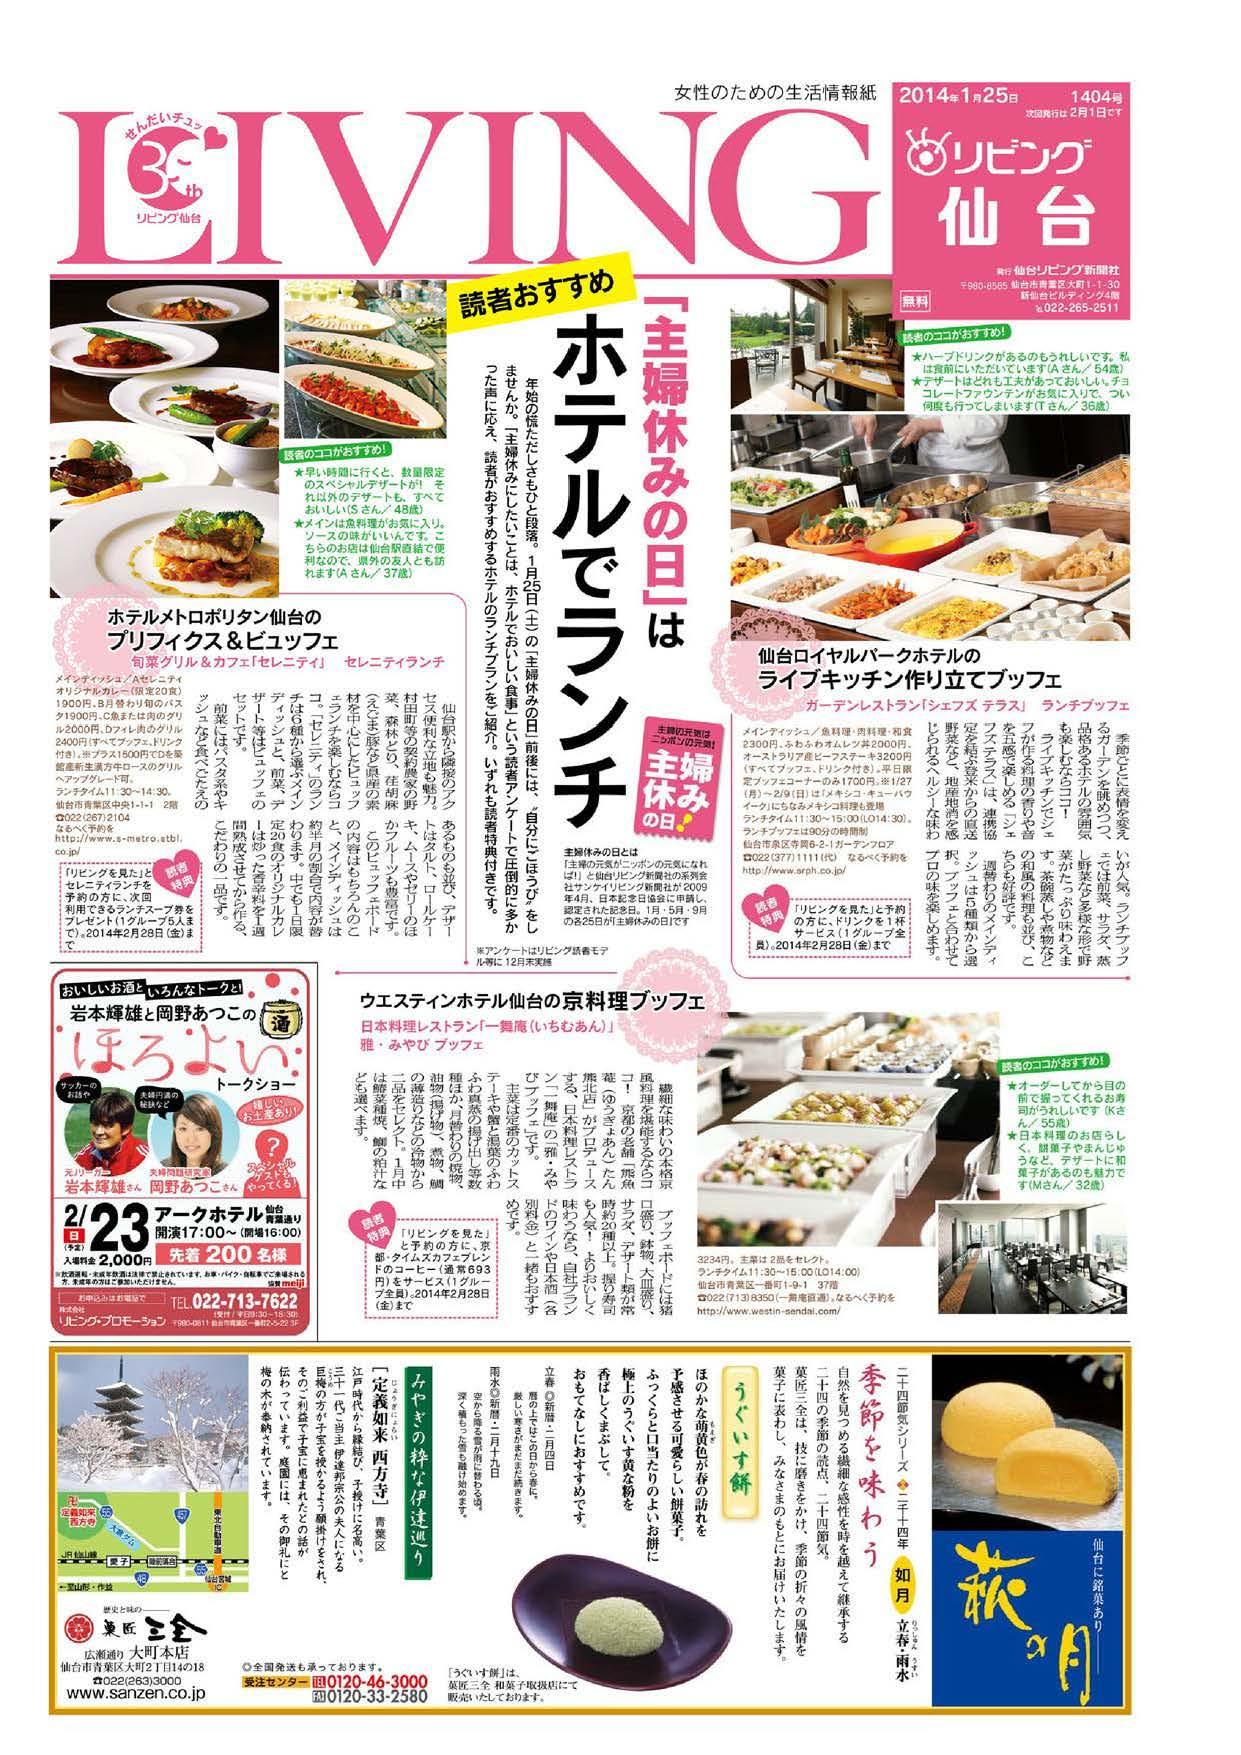 http://www.homann-design.jp/designer/blog/sankei.jpg